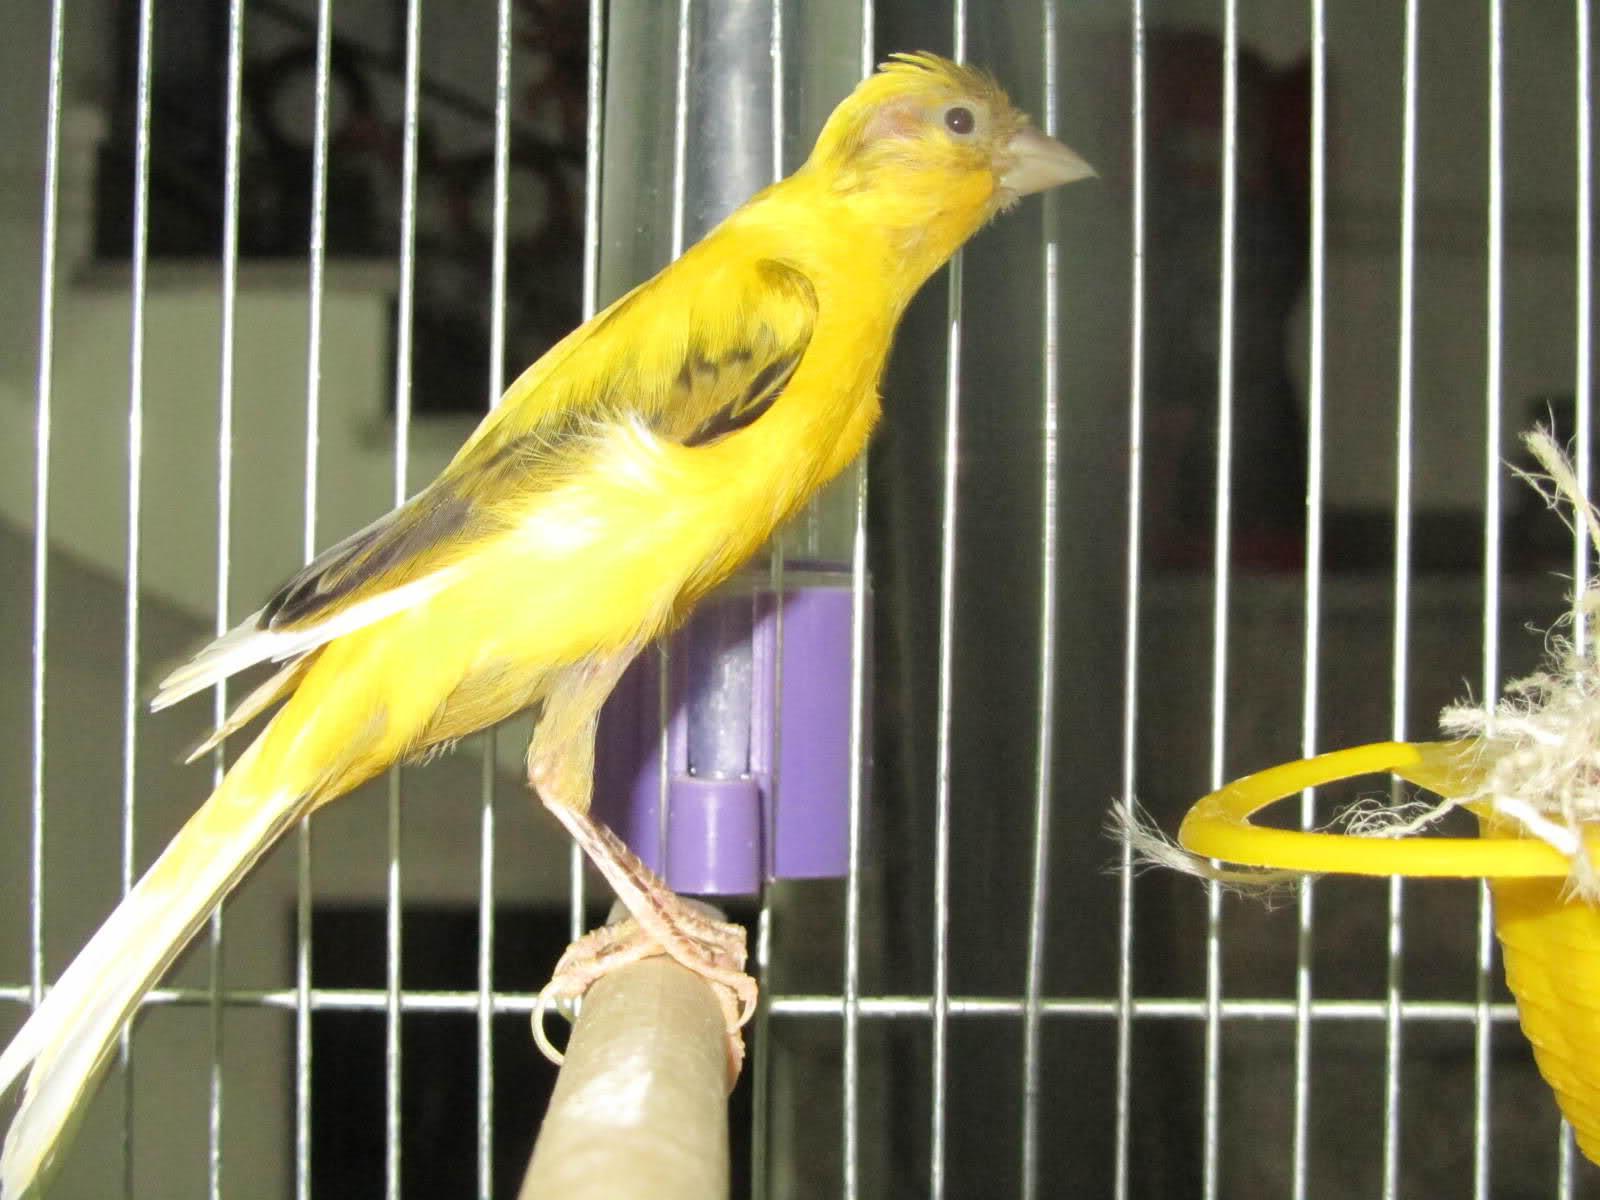 بالصور انواع الكناري , طائر الكناري بانواعه المختلفه 838 3